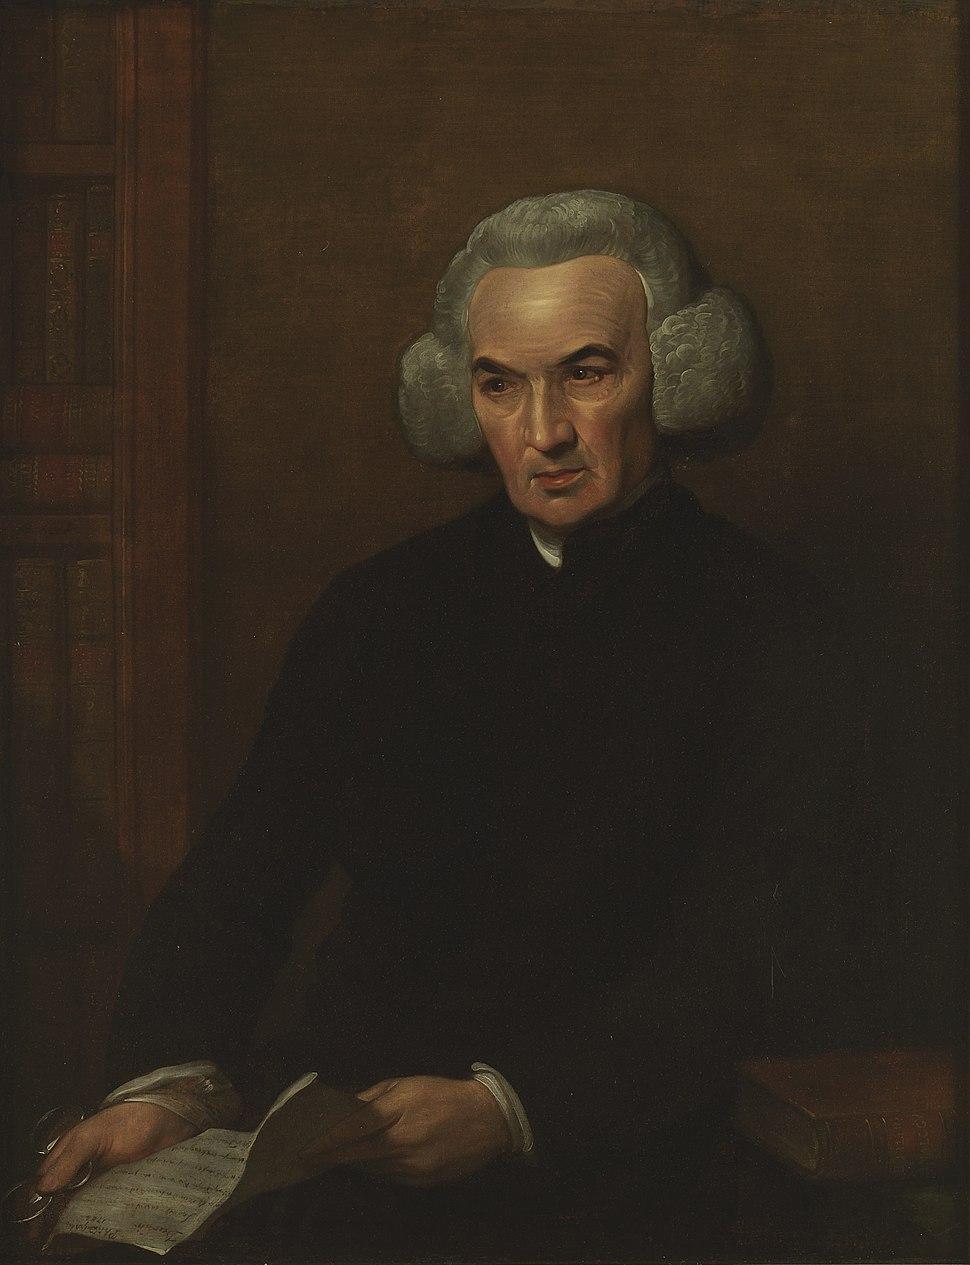 Dr Richard Price, DD, FRS - Benjamin West